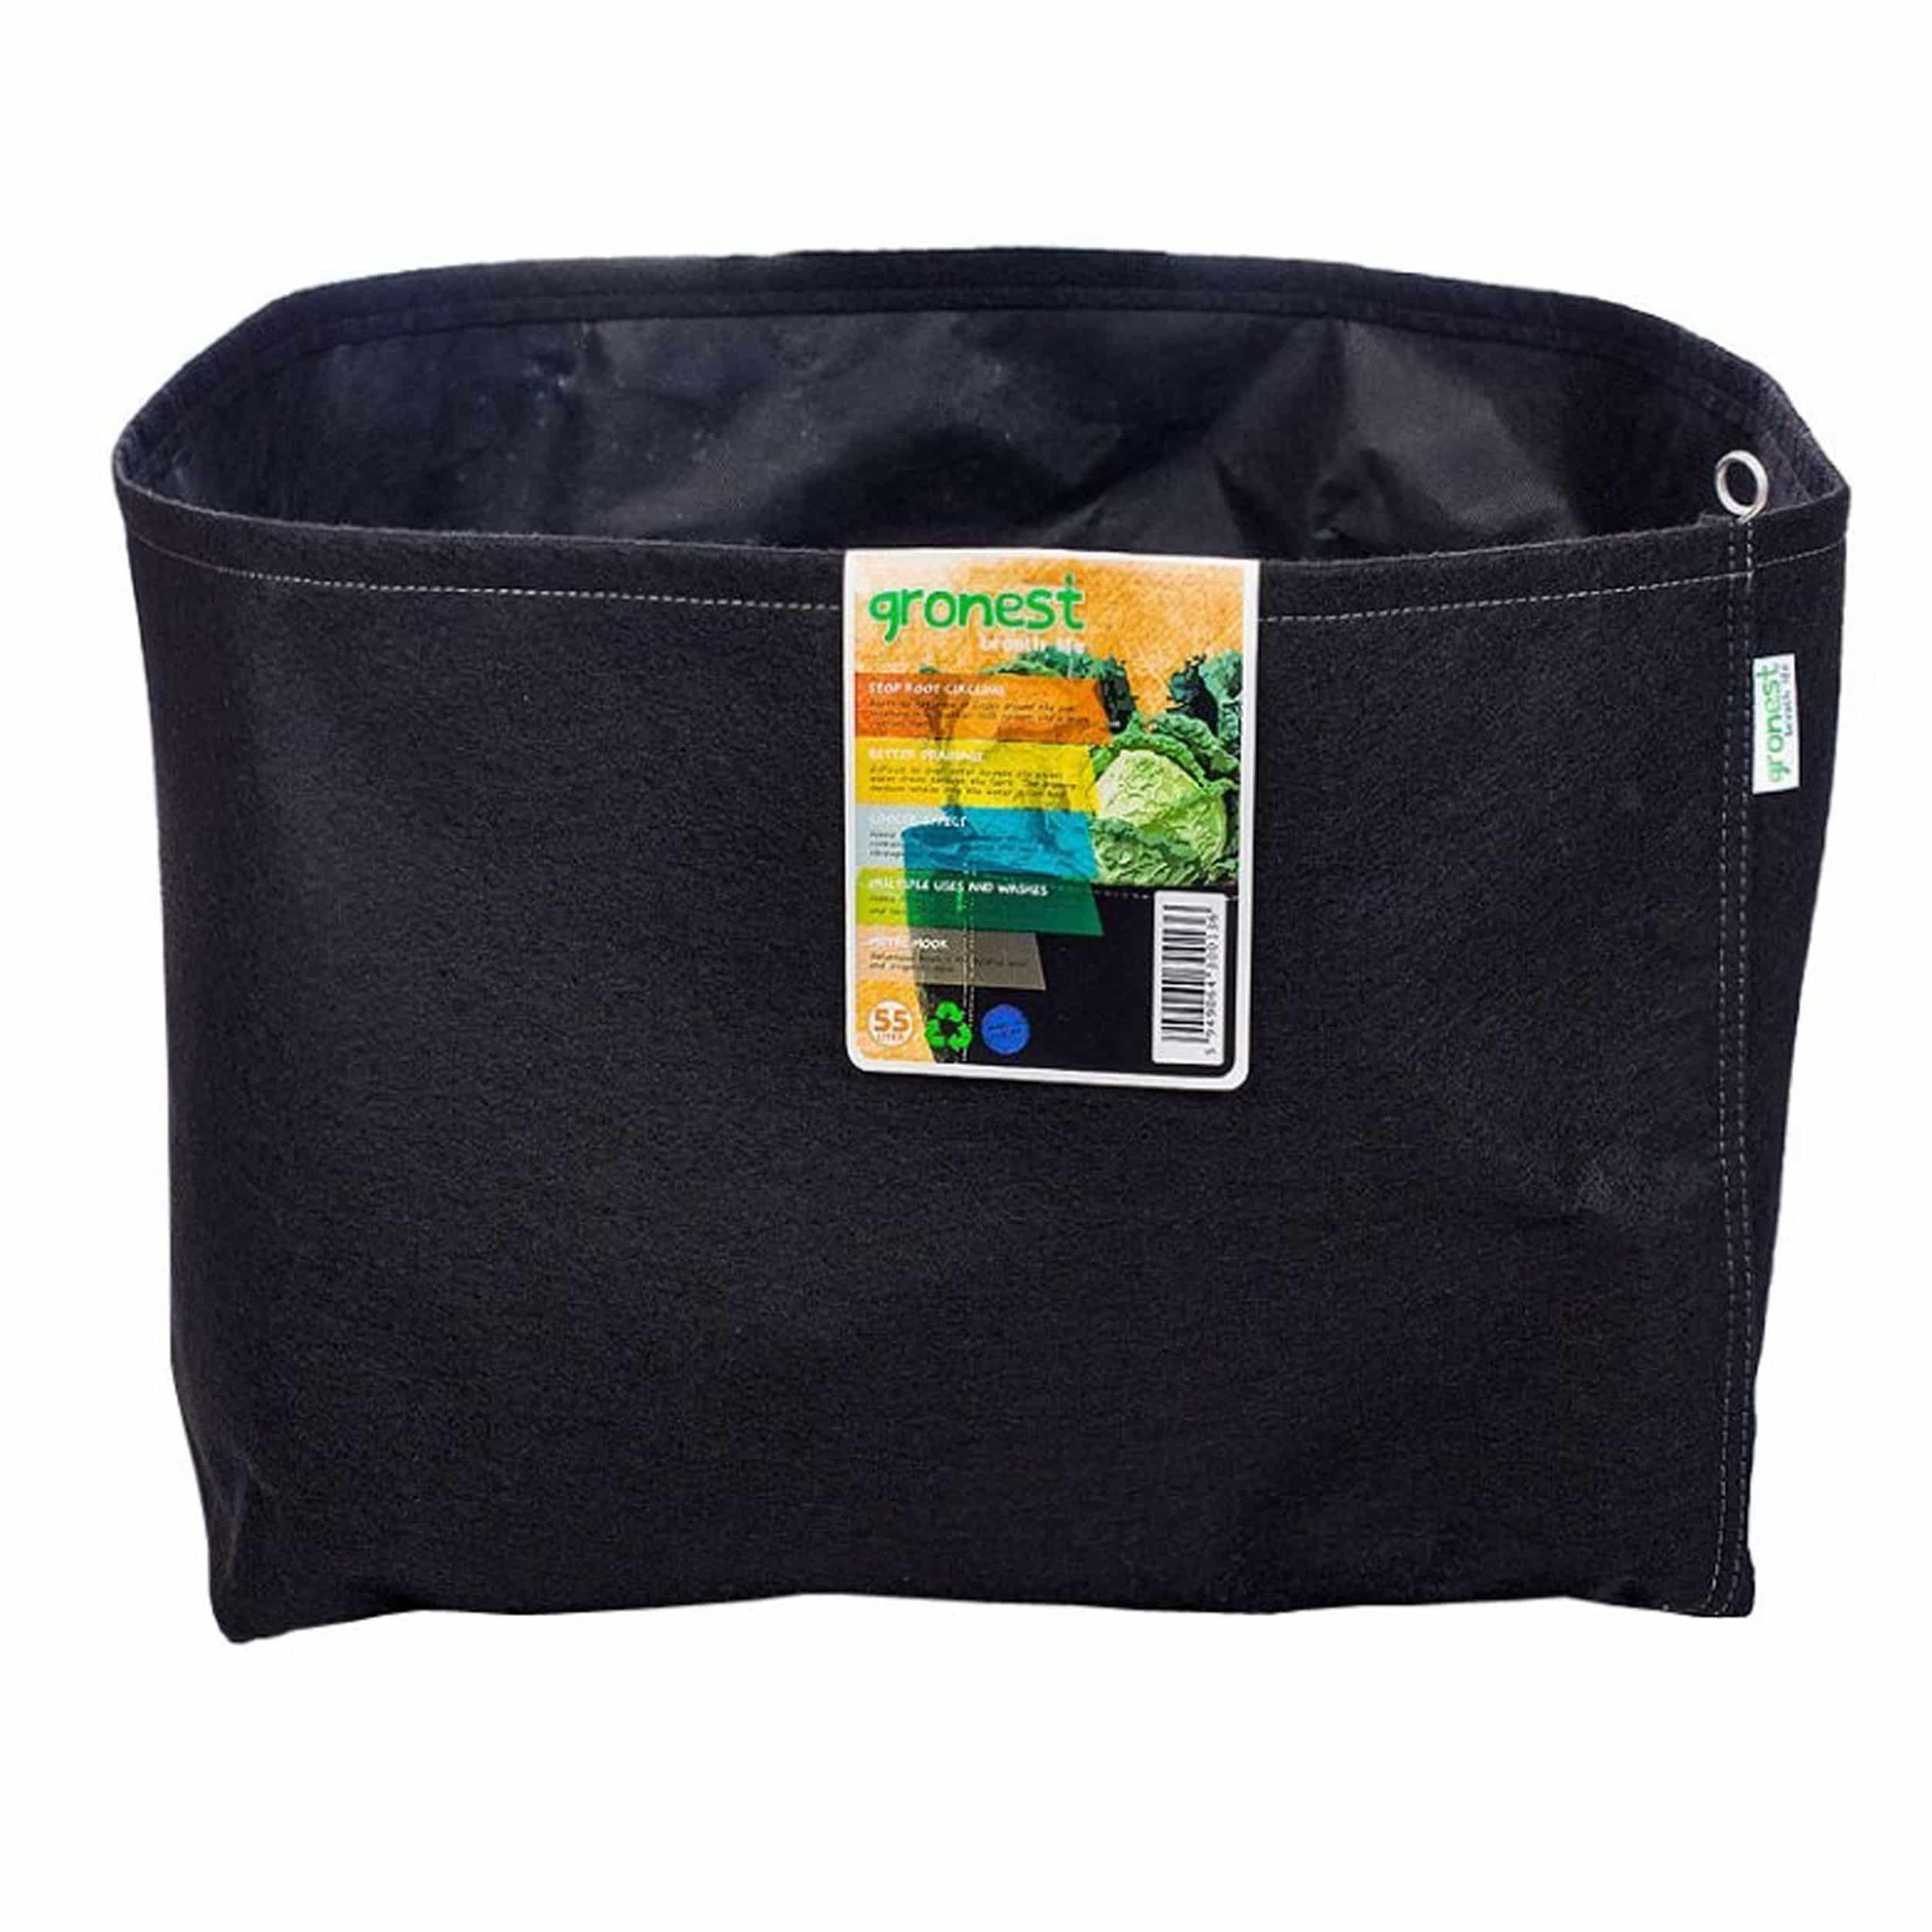 Textil-Blumentopf 55 Liter